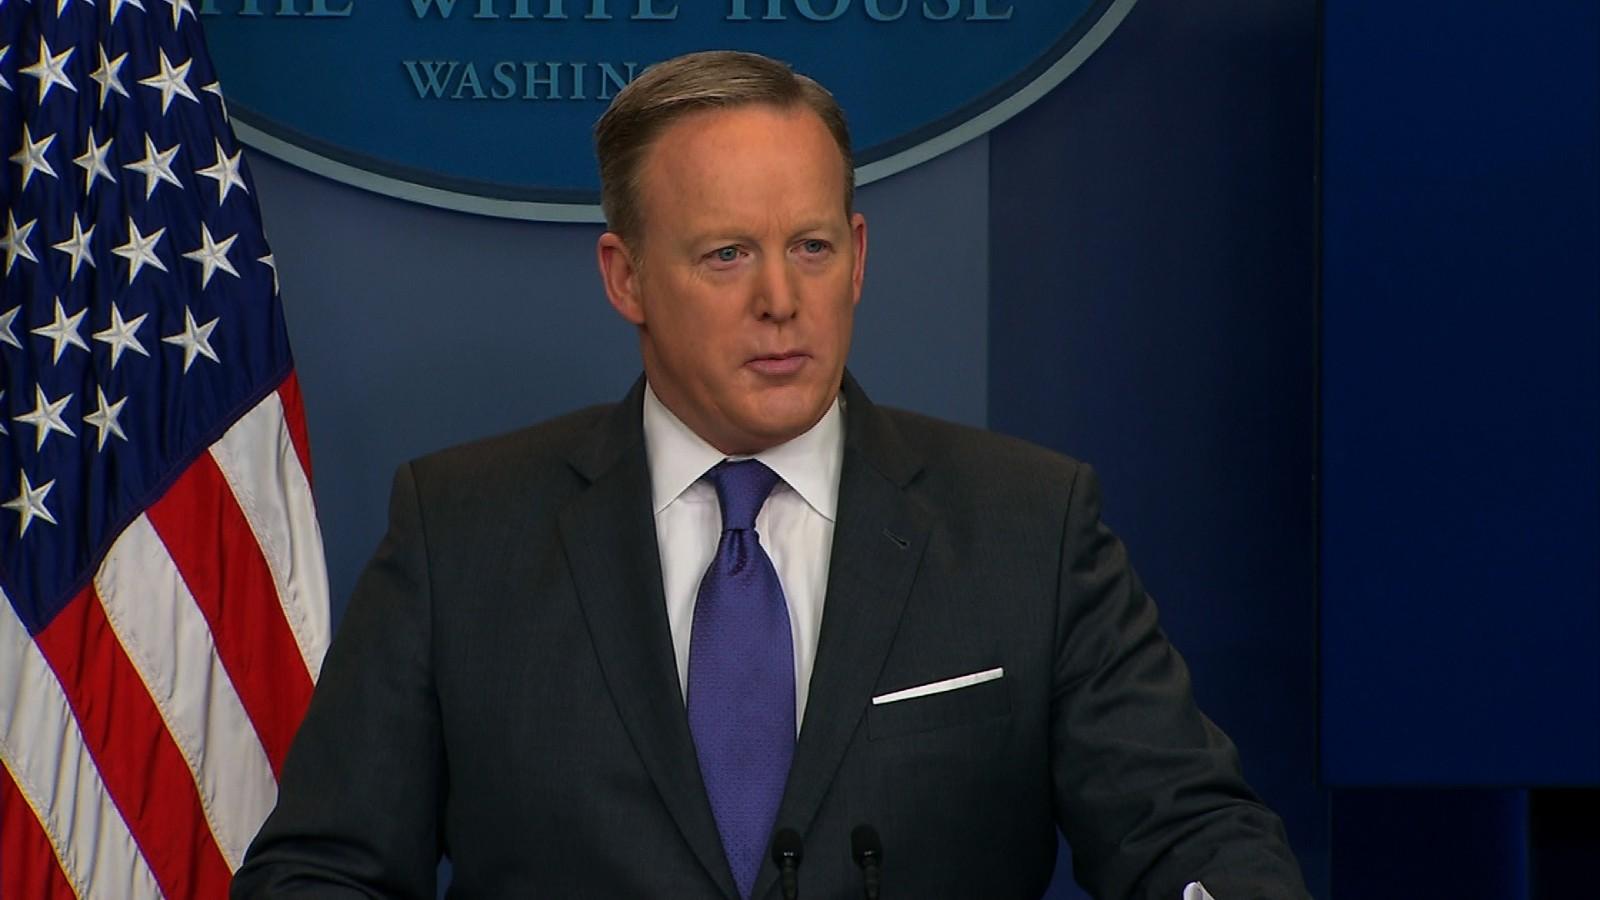 Presenta renuncia a Trump director de Comunicaciones de la Casa Blanca